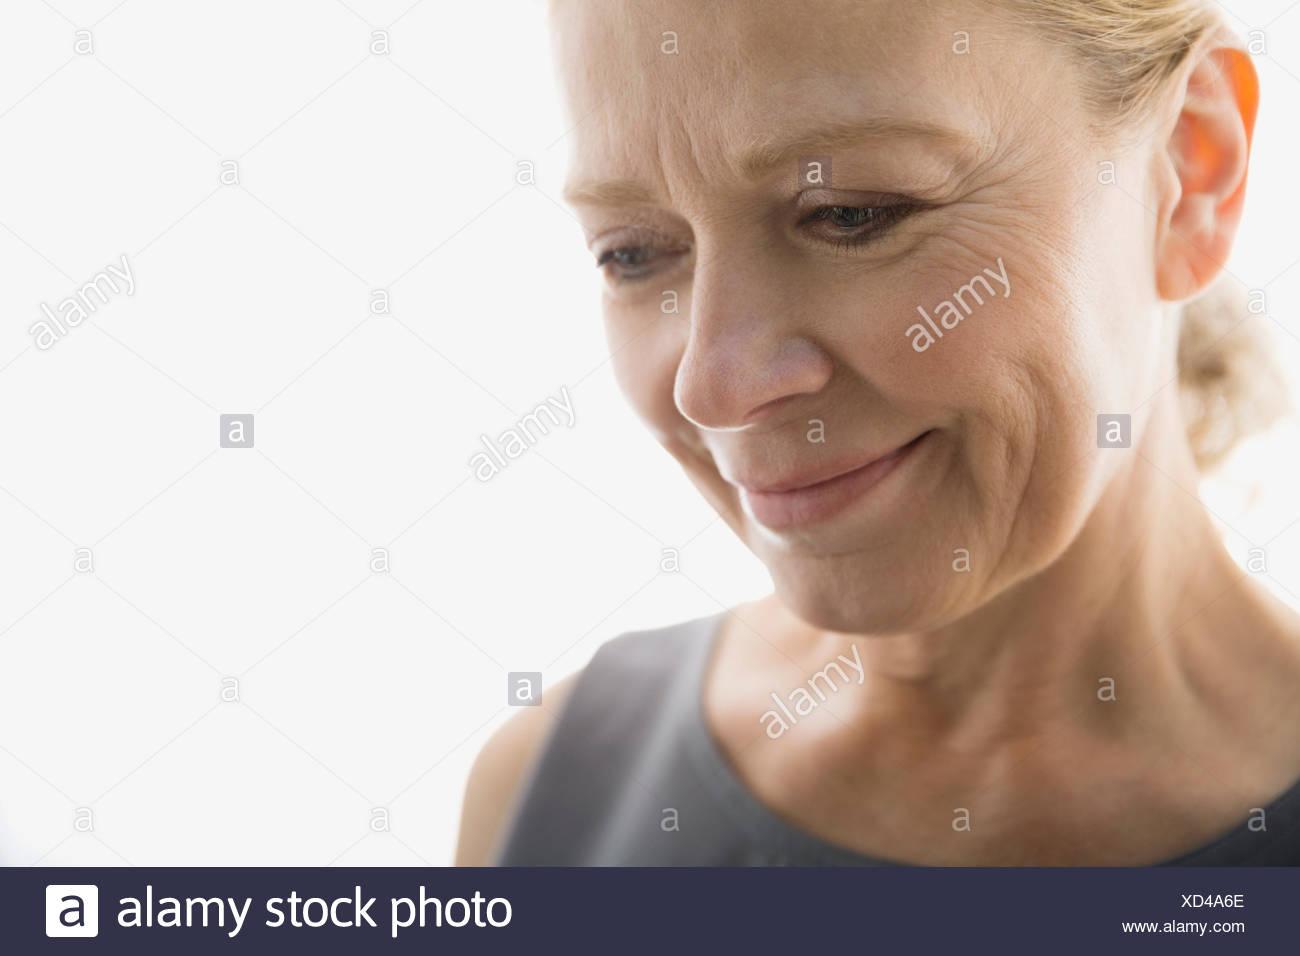 Close Up retrato de mujer sonriente mirando hacia abajo Imagen De Stock